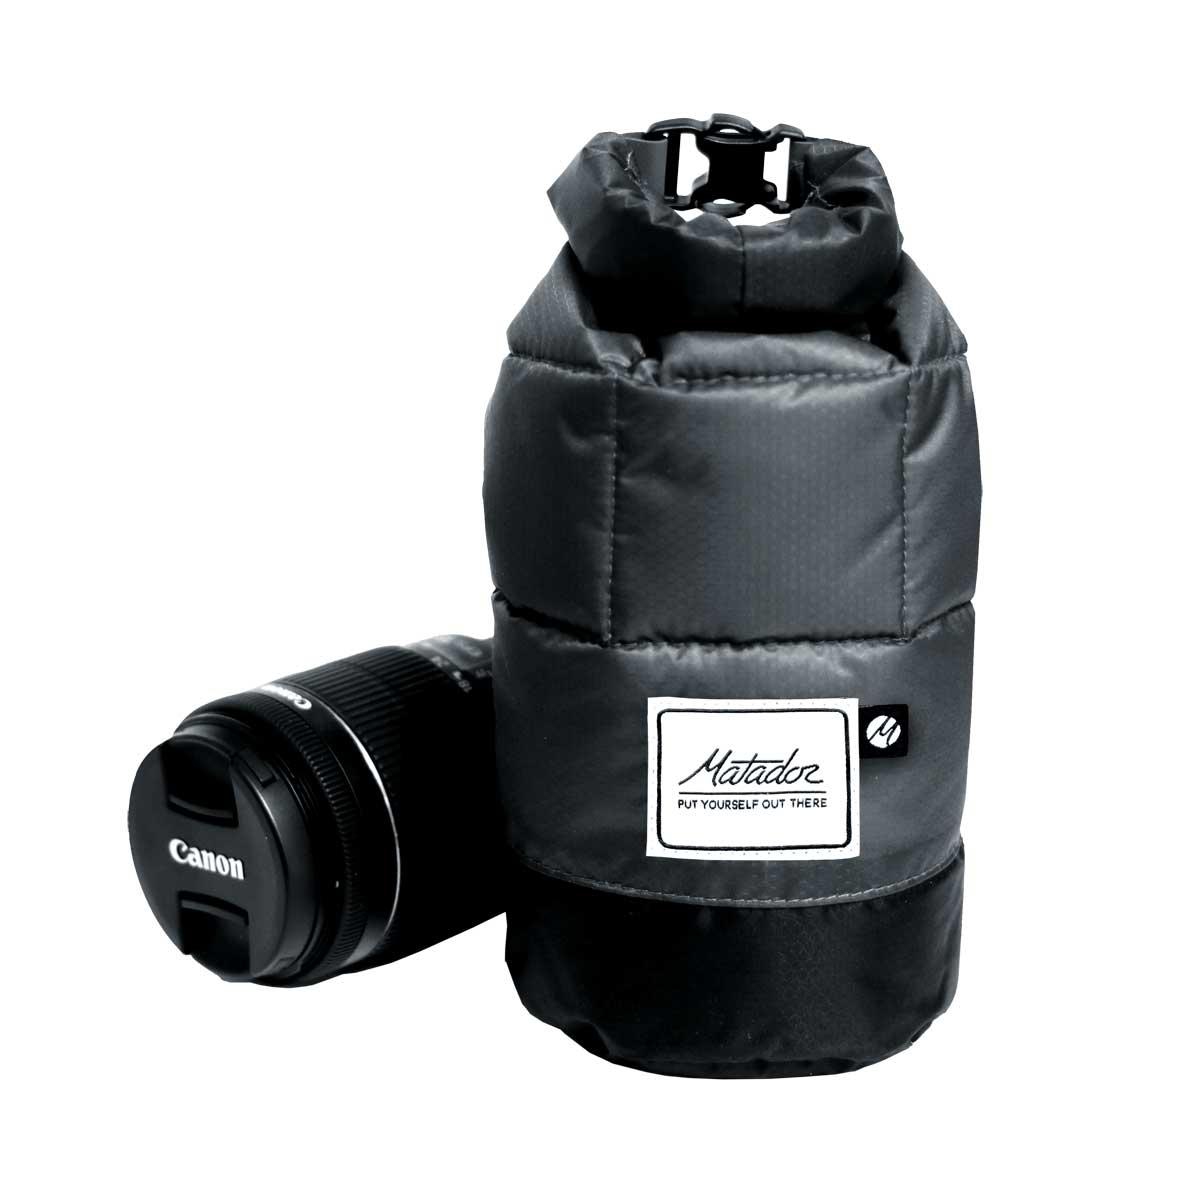 画像3: 【カメラギア】Matador(マタドール)やTopo Designs(トポデザイン)のカメラギアが超絶使える!